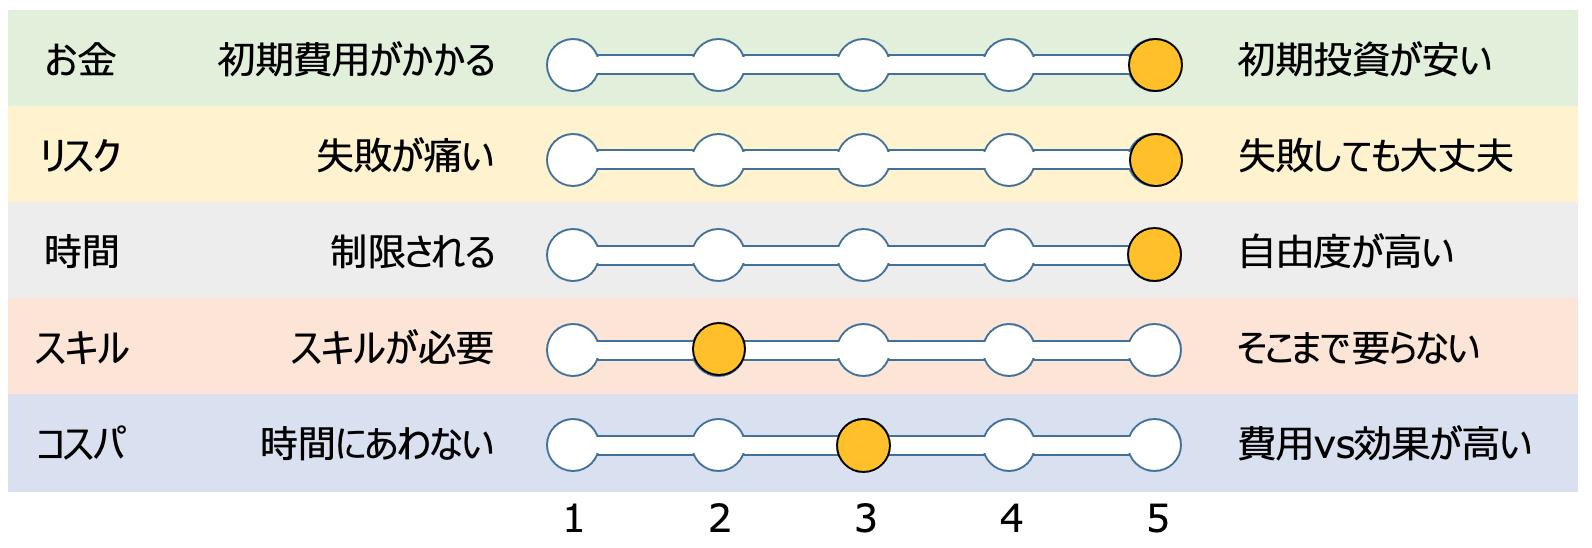 ライターの評価グラフ